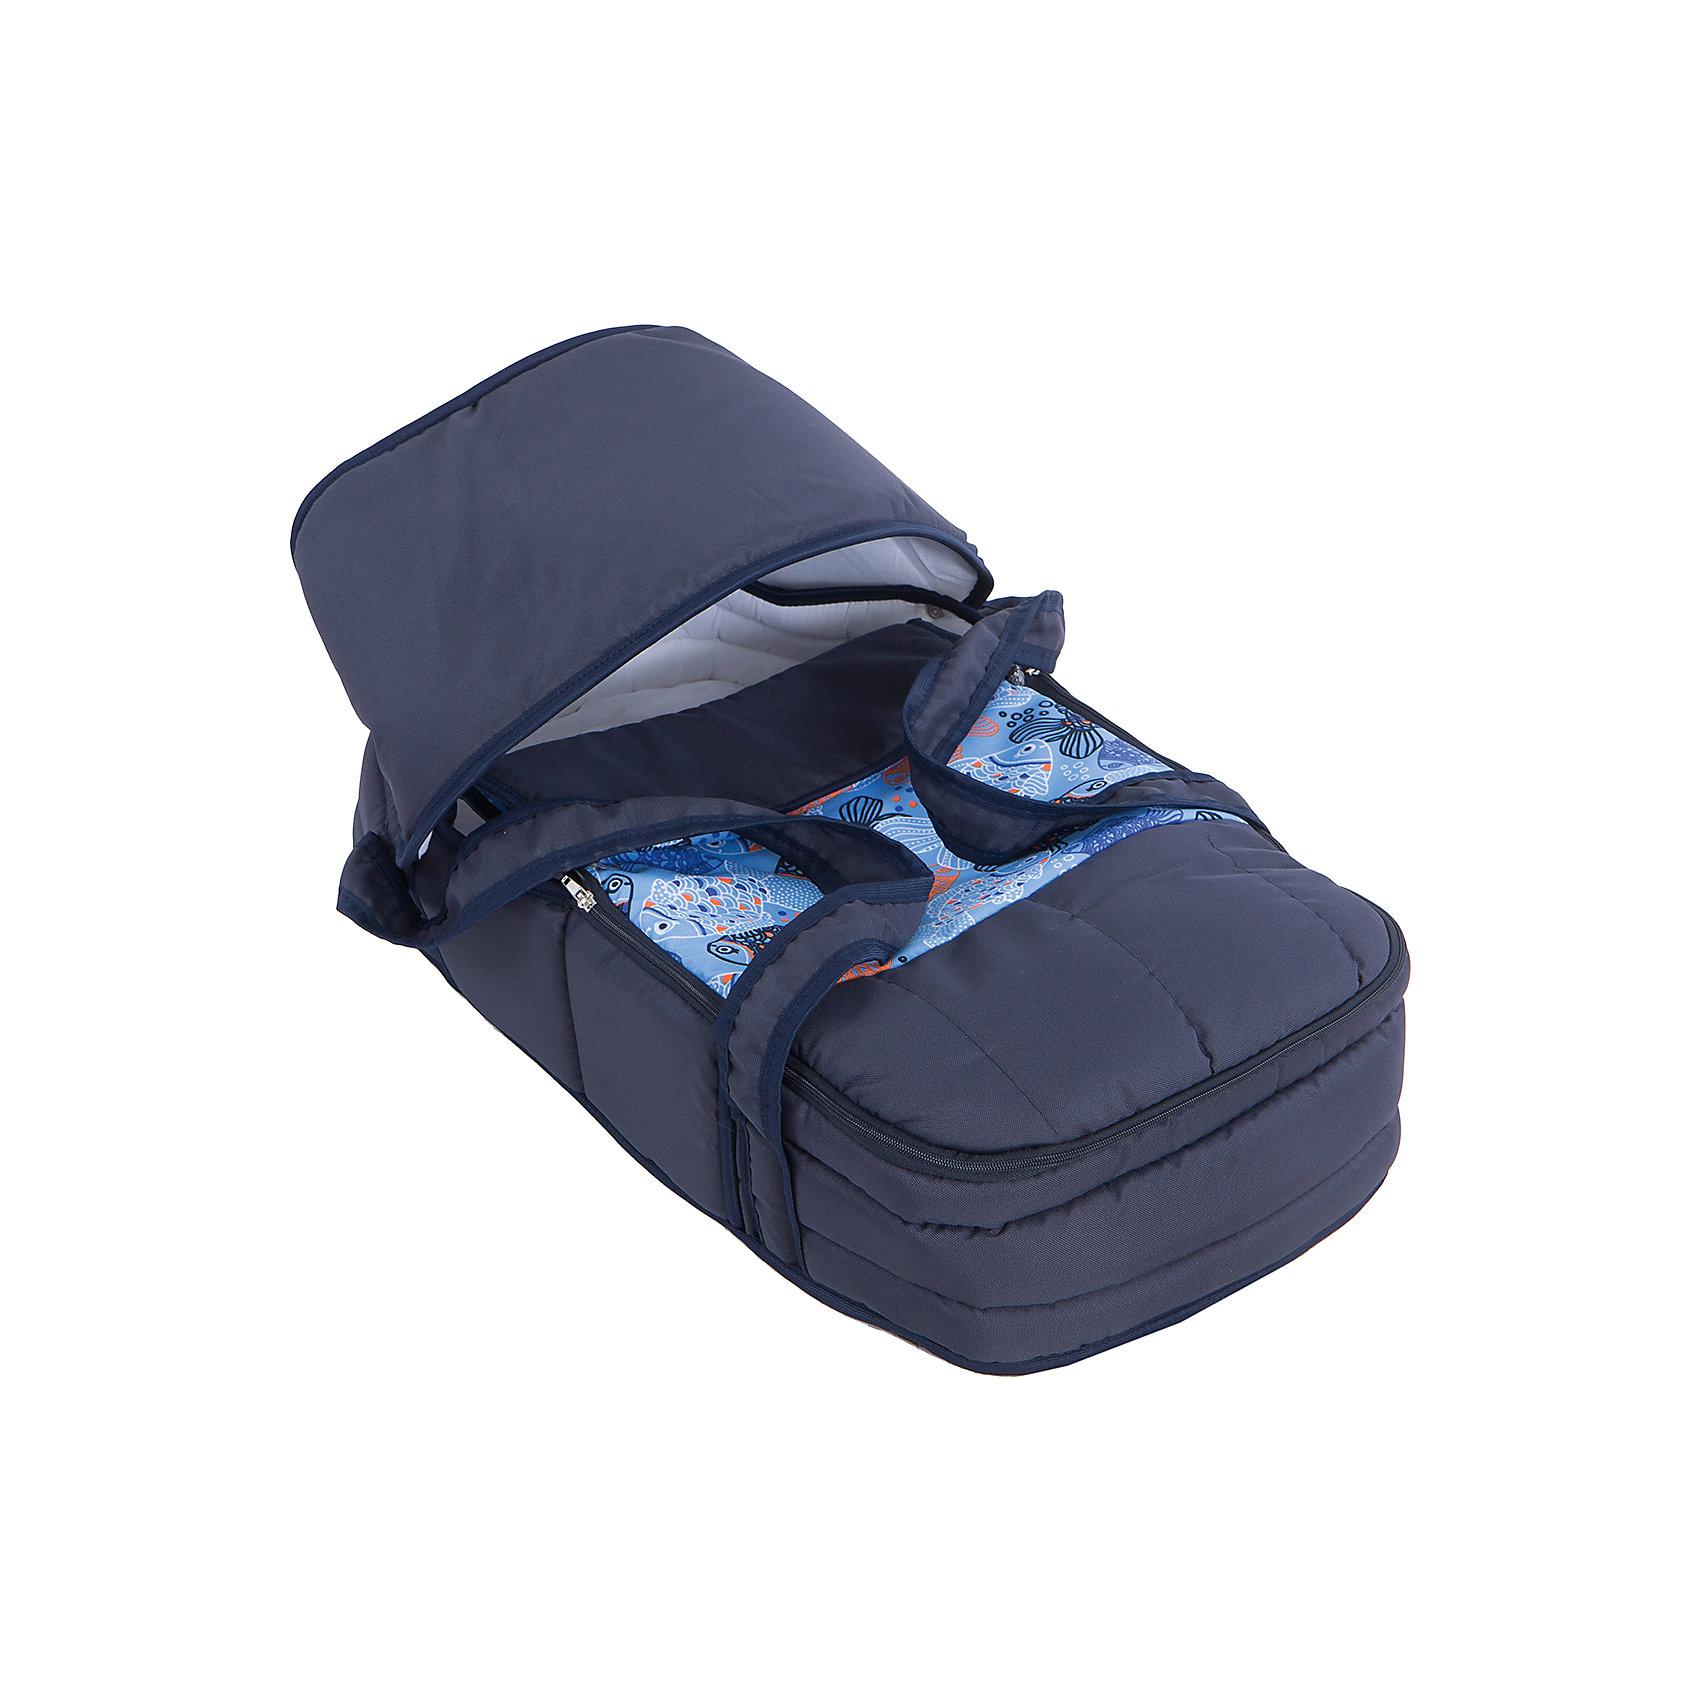 Коляска-трансформер Классик, Marimex, синий/голубой с принтом